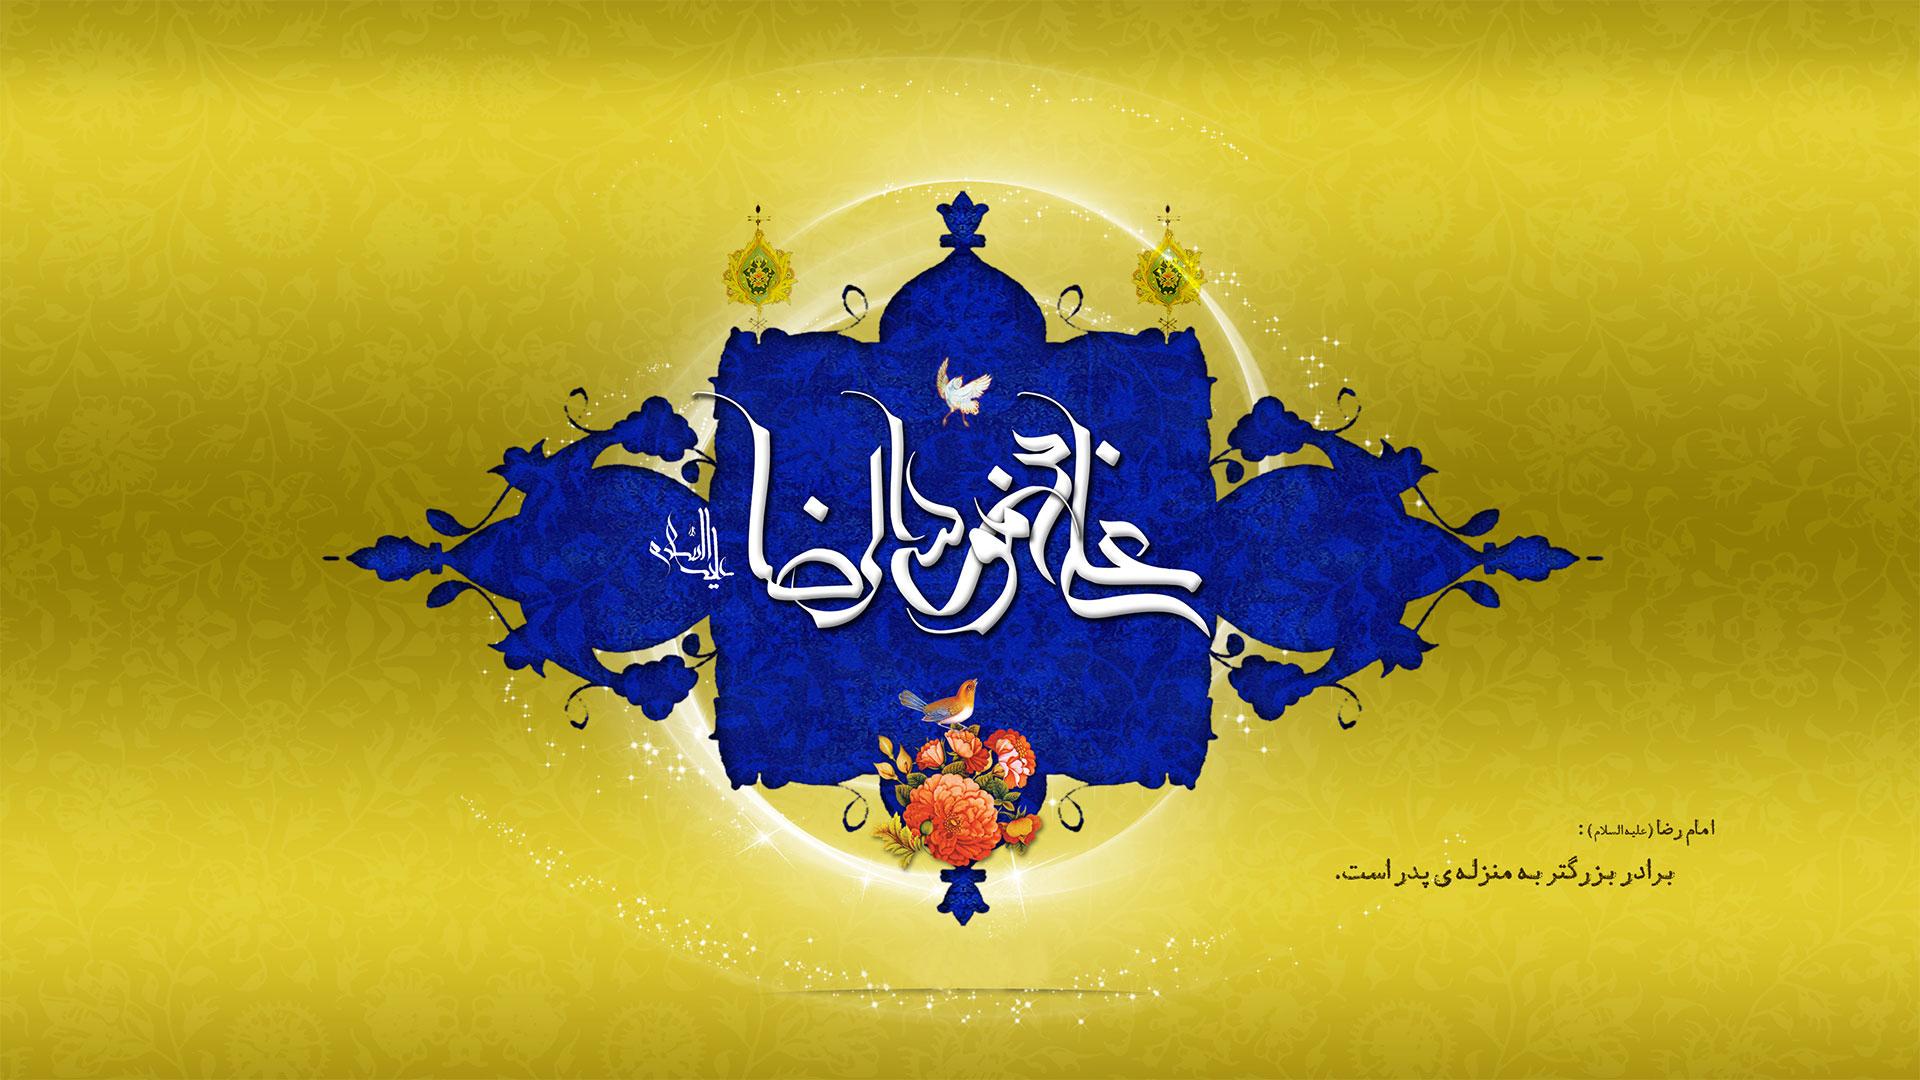 مولودی میلاد امام رضا / حنیف طاهری+ دانلود